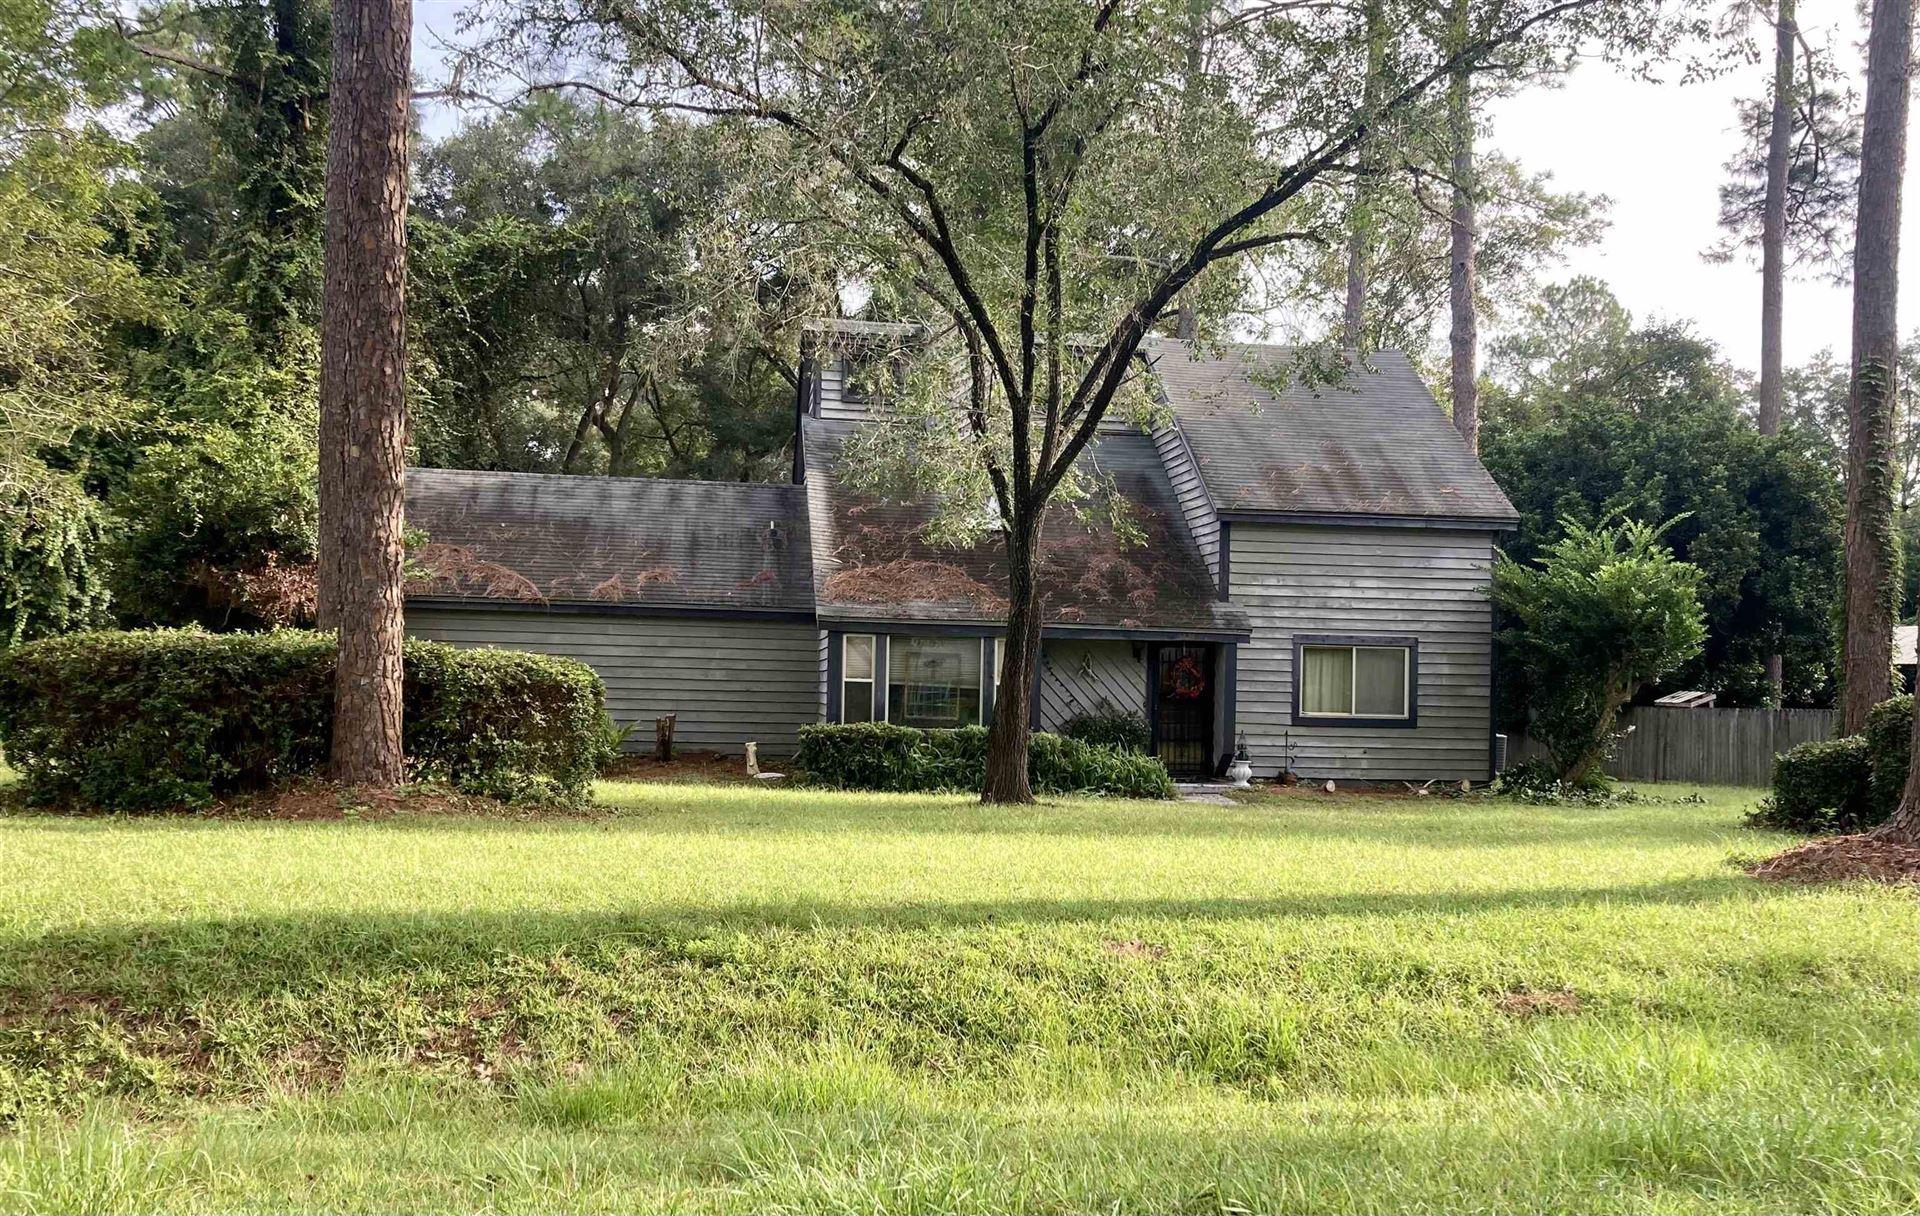 Photo of 3224 Gallant Fox Trl Trail, TALLAHASSEE, FL 32309 (MLS # 337576)